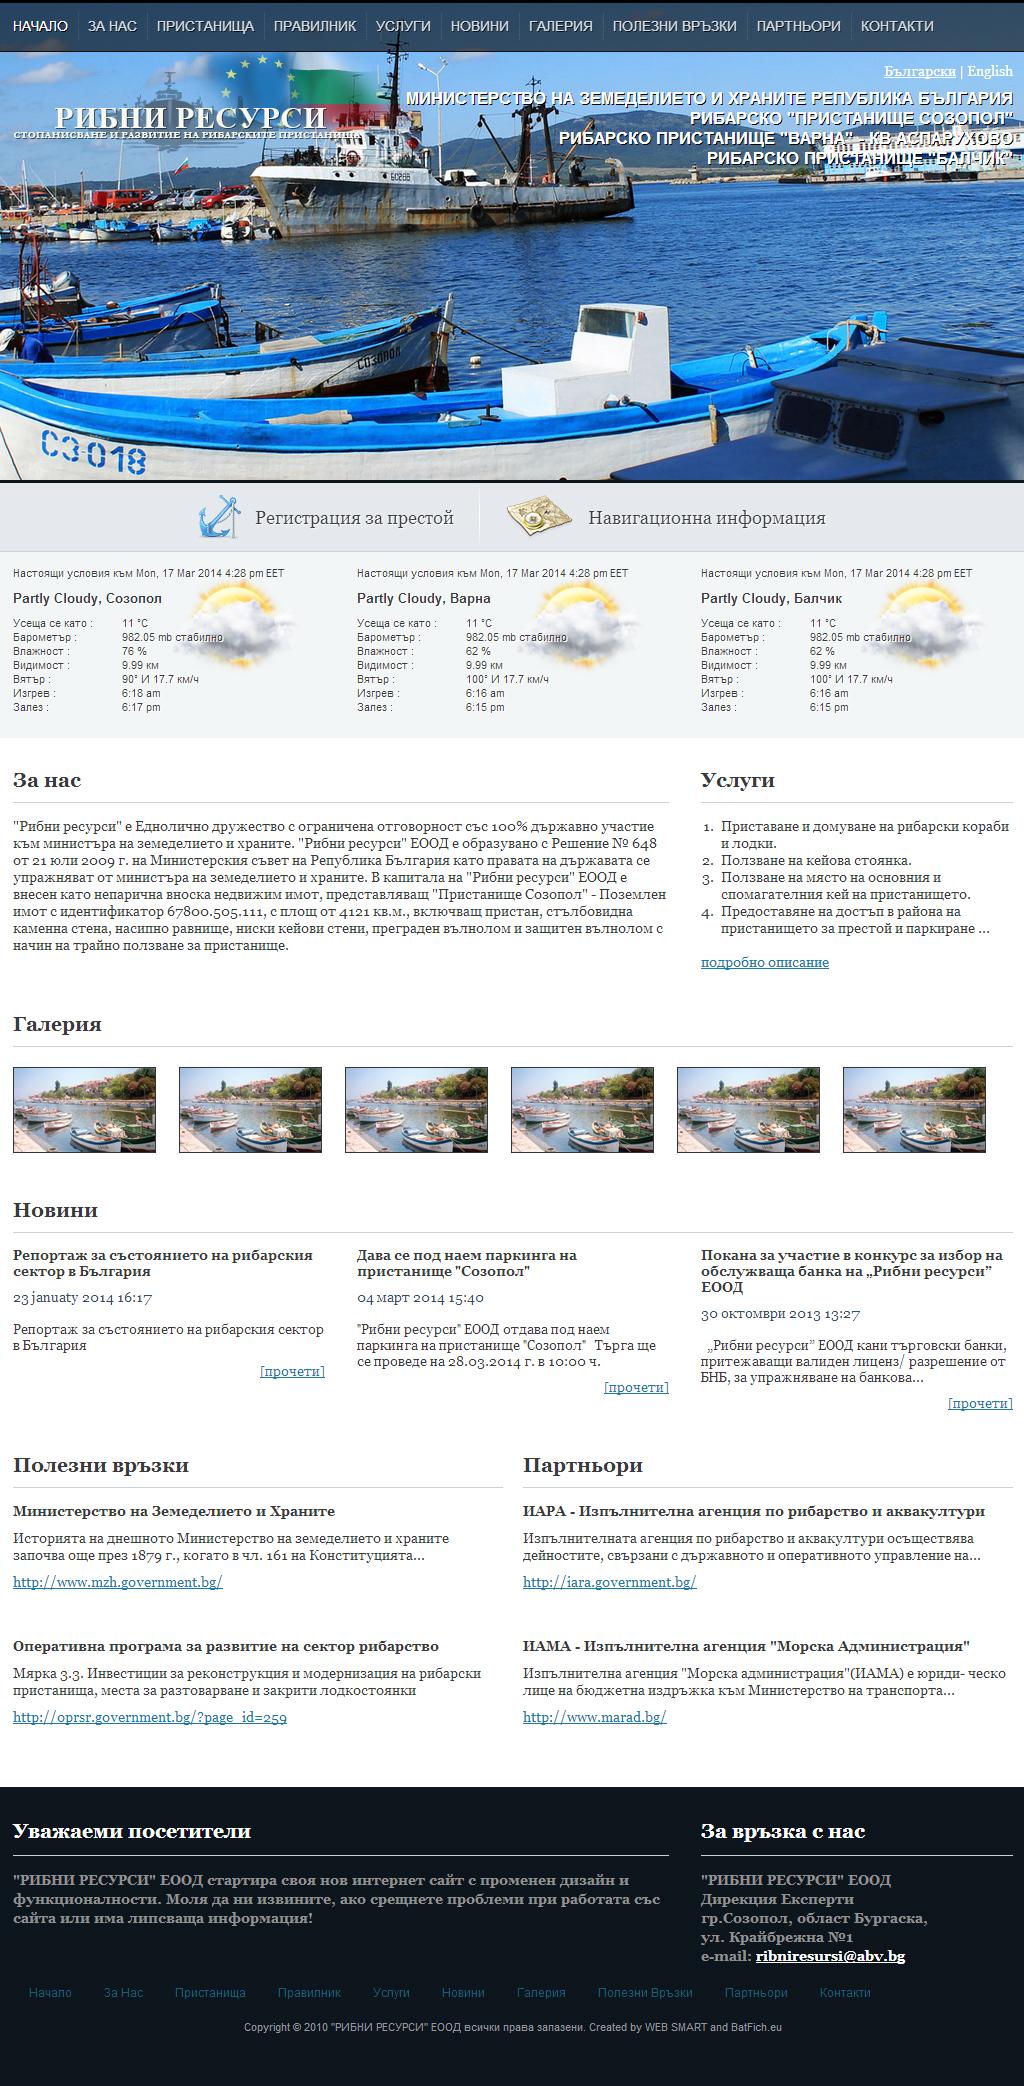 РИБНИ РЕСУРСИ ЕООД – Редизайн